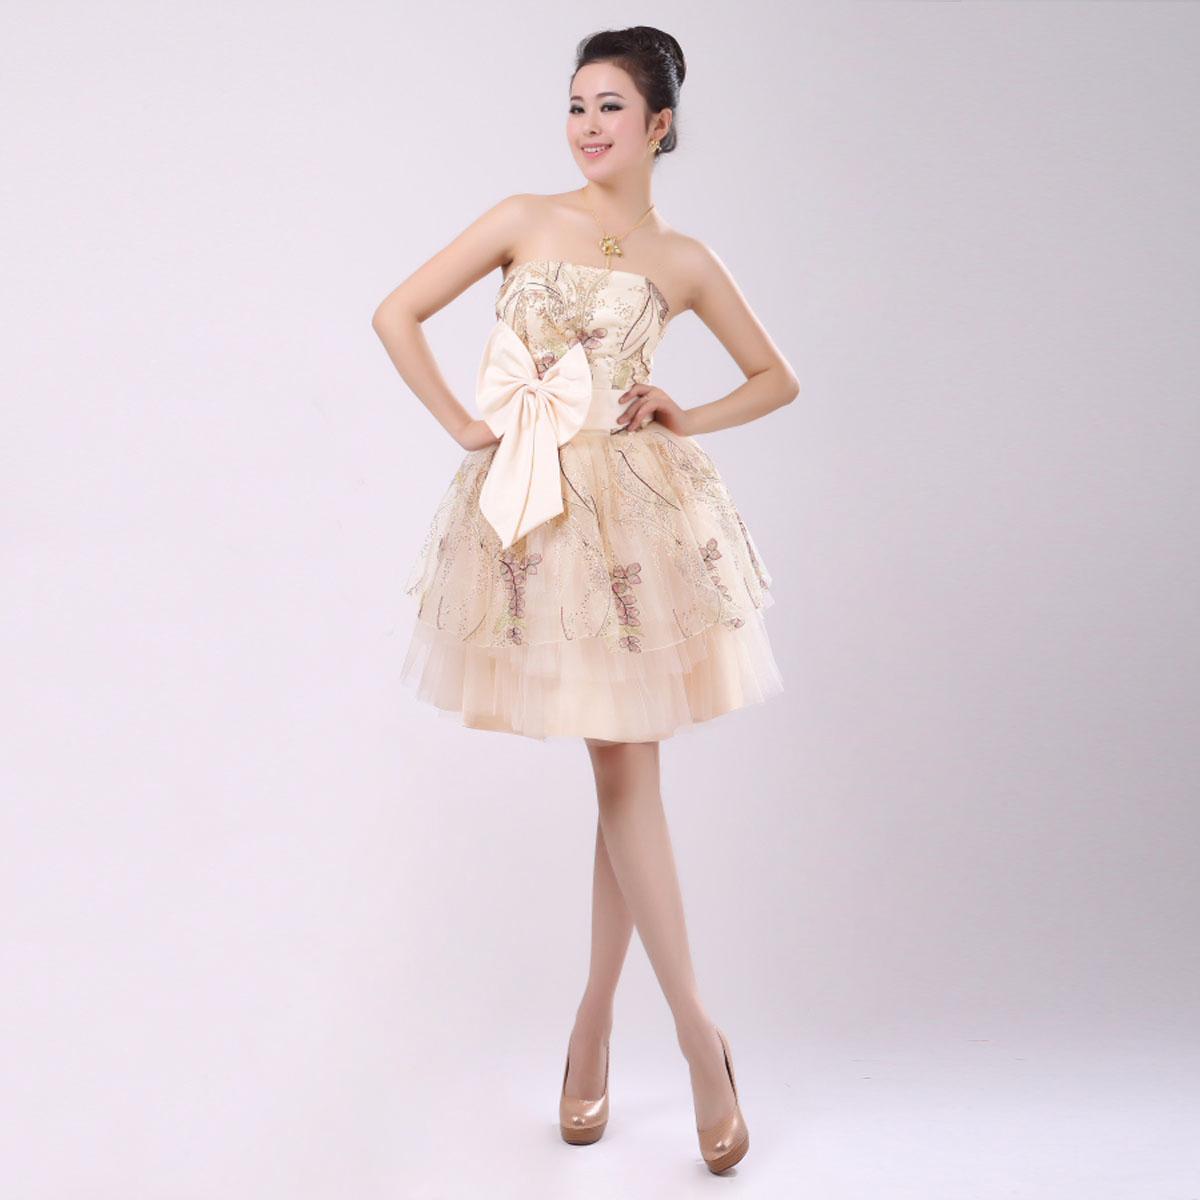 爱伦斯婚纱礼服 全蕾丝蓬蓬裙 伴娘裙 伴娘装 伴娘小礼服 包邮